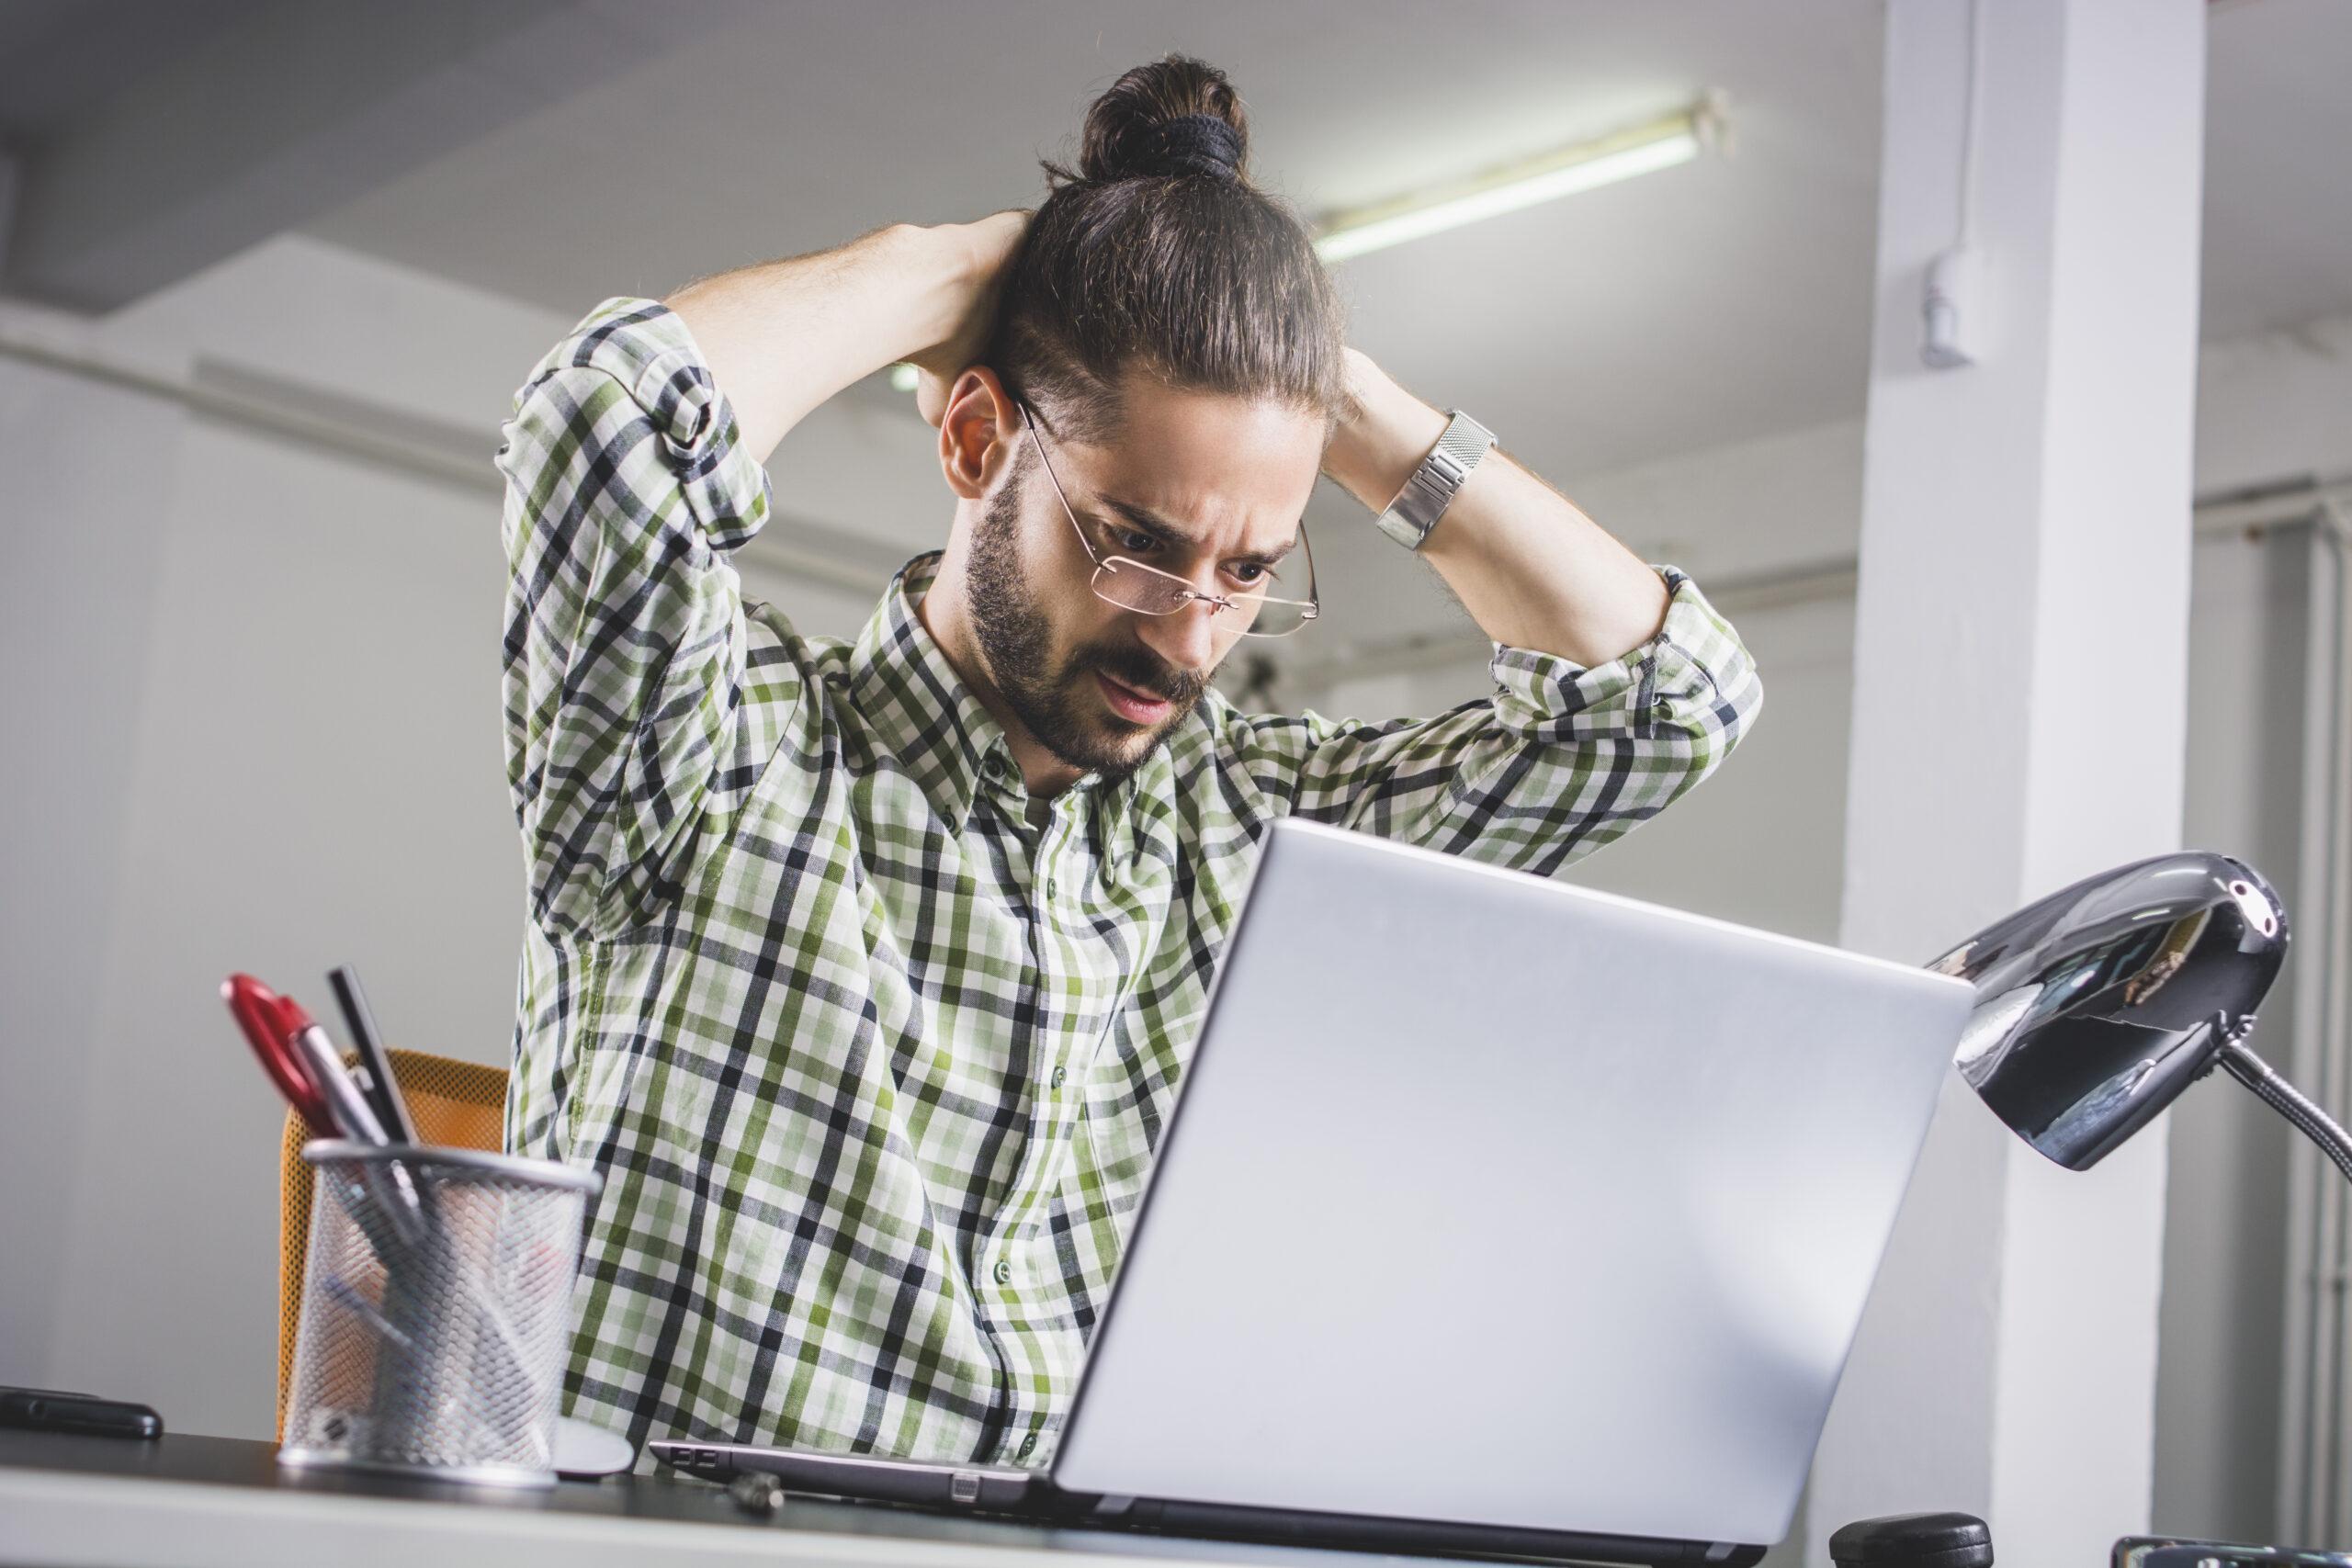 Ylläpitäjäkin on ihminen eikä täydellistä tietoturvaa ole – varaudu korotettujen käyttöoikeuksien riskeihin